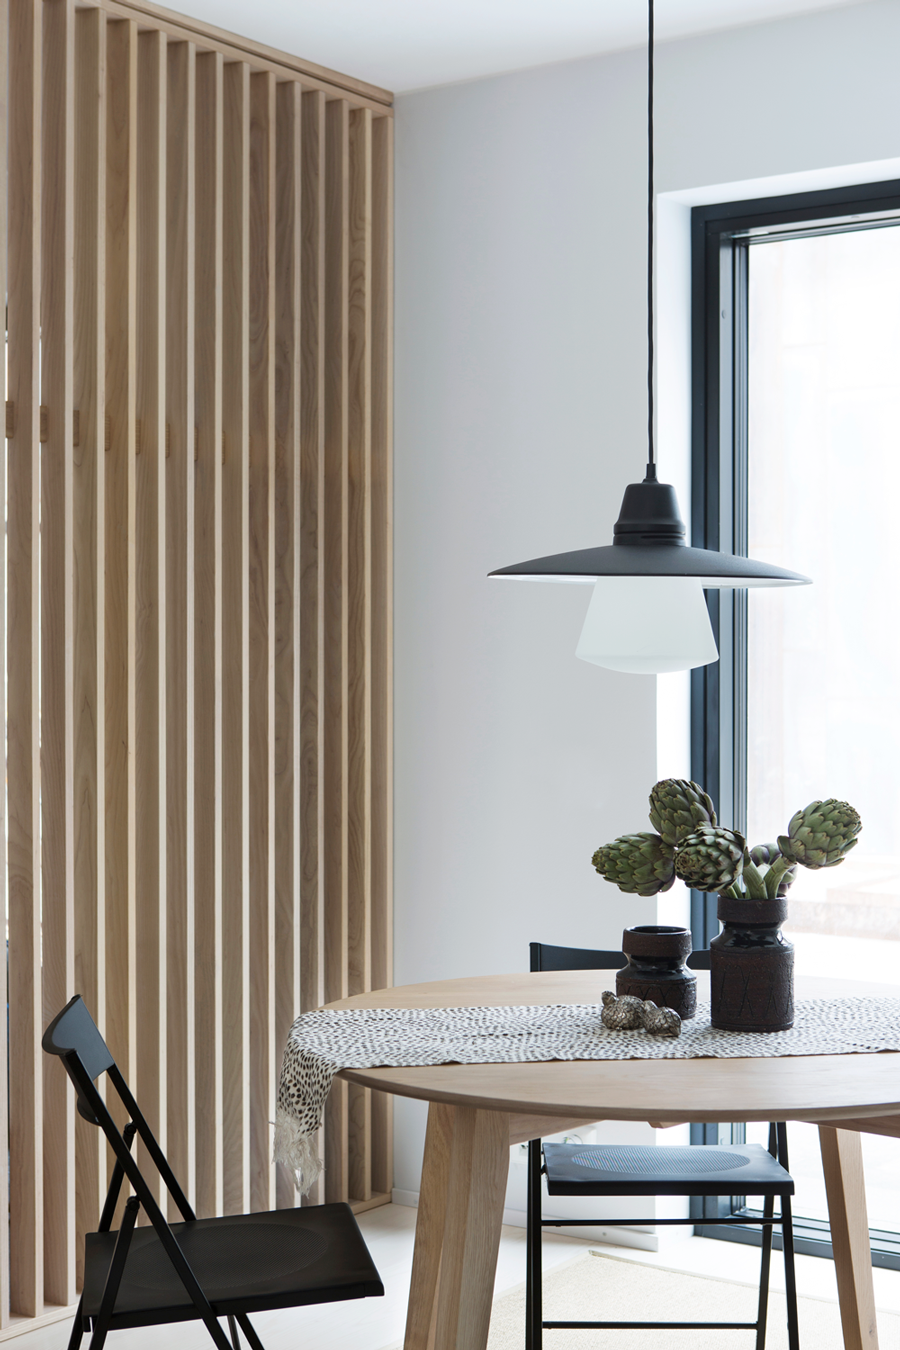 minimalist nordic interior